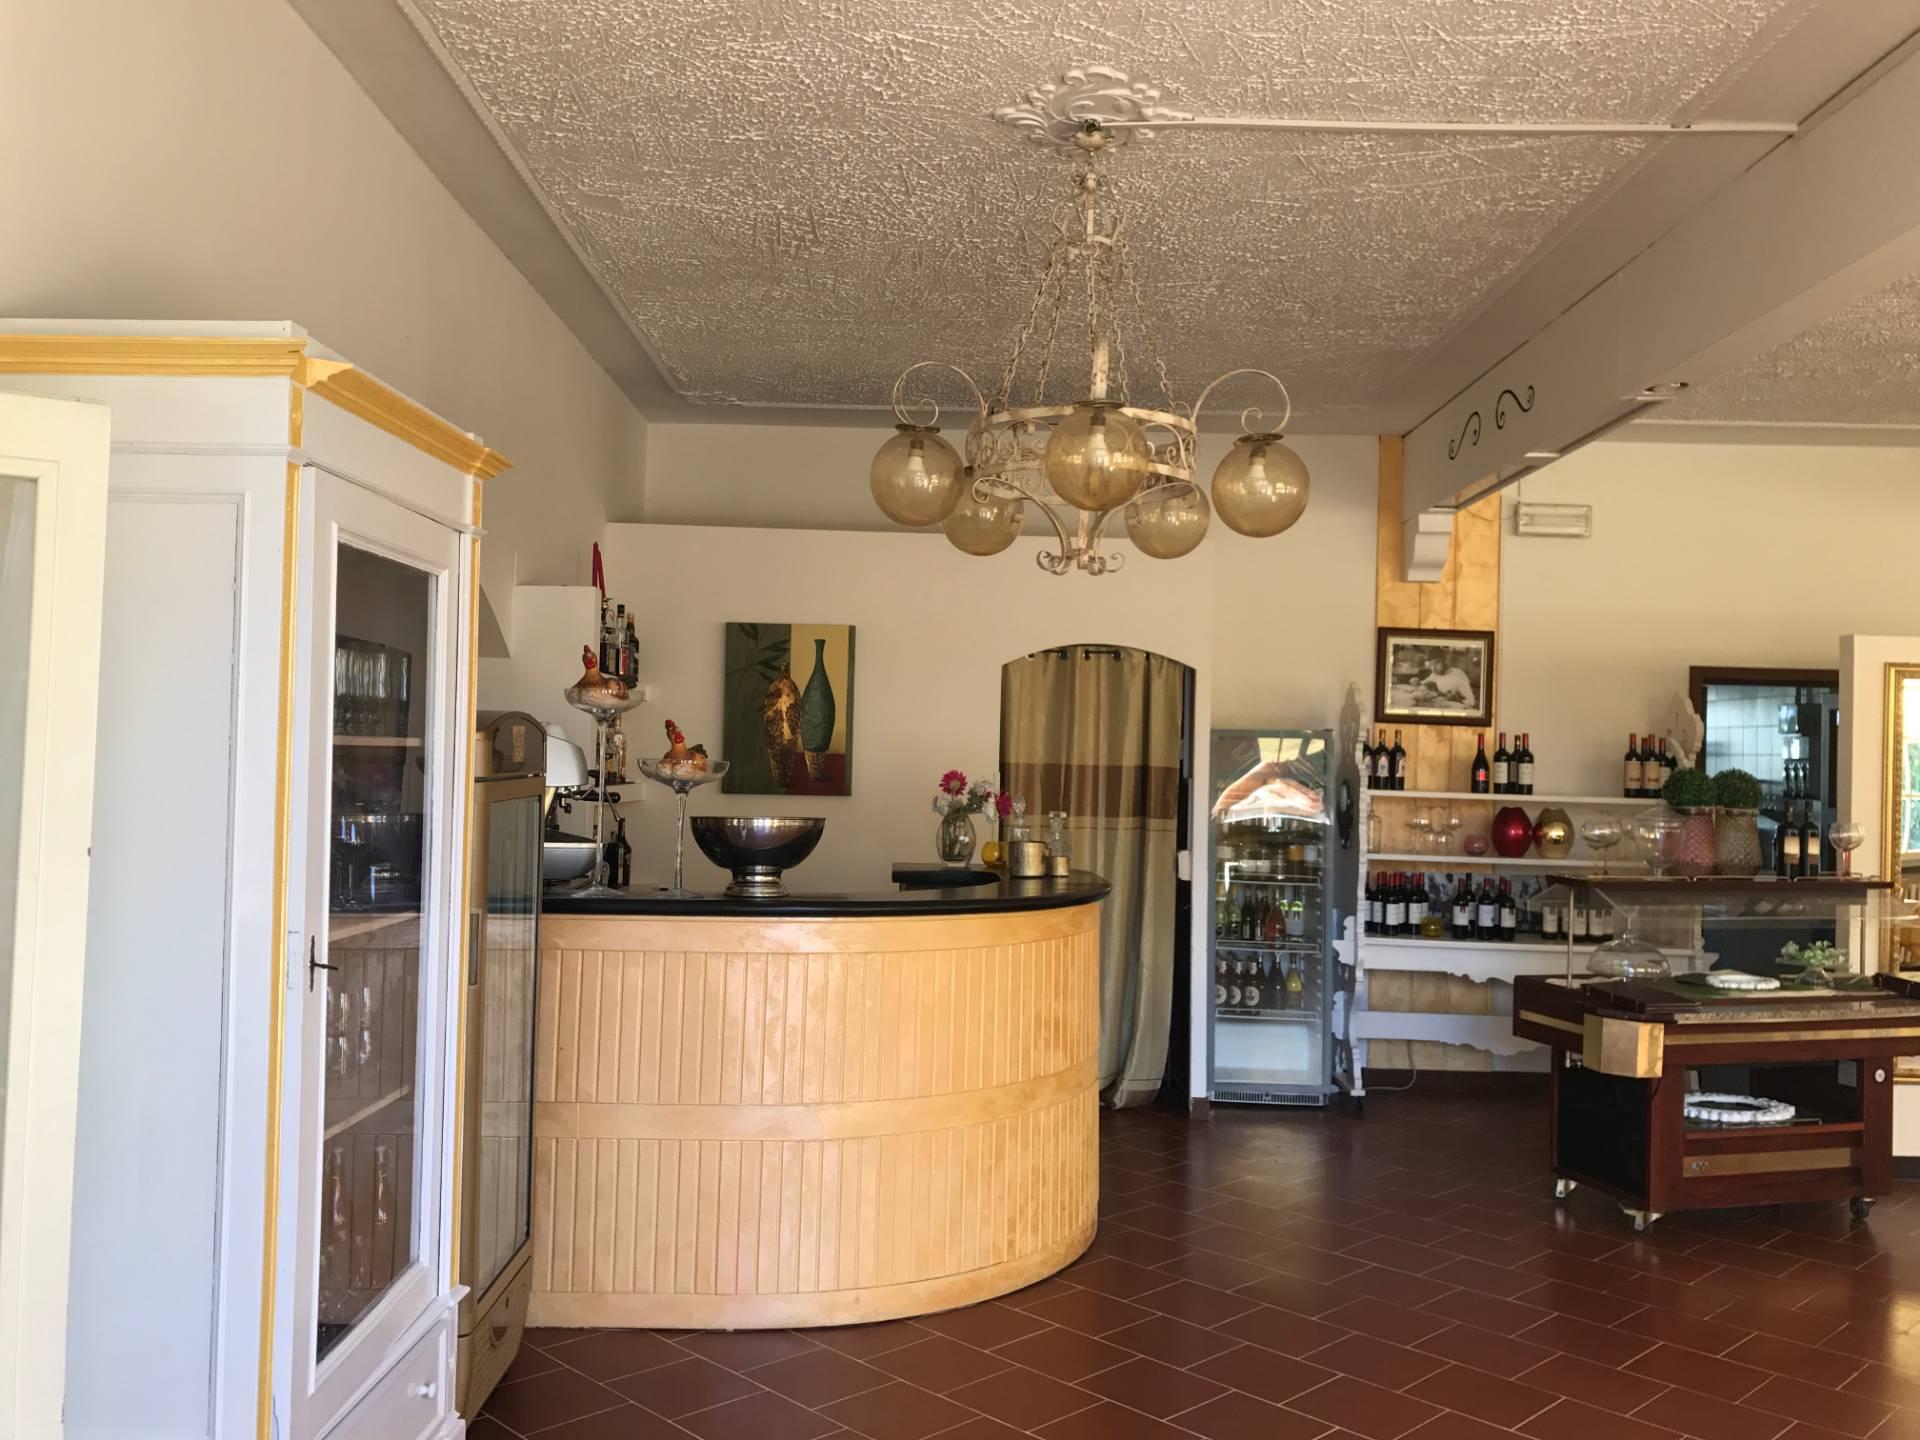 ATTIVITA' COMMERCIALE in Affitto a Le Pinete, Fucecchio (FIRENZE)